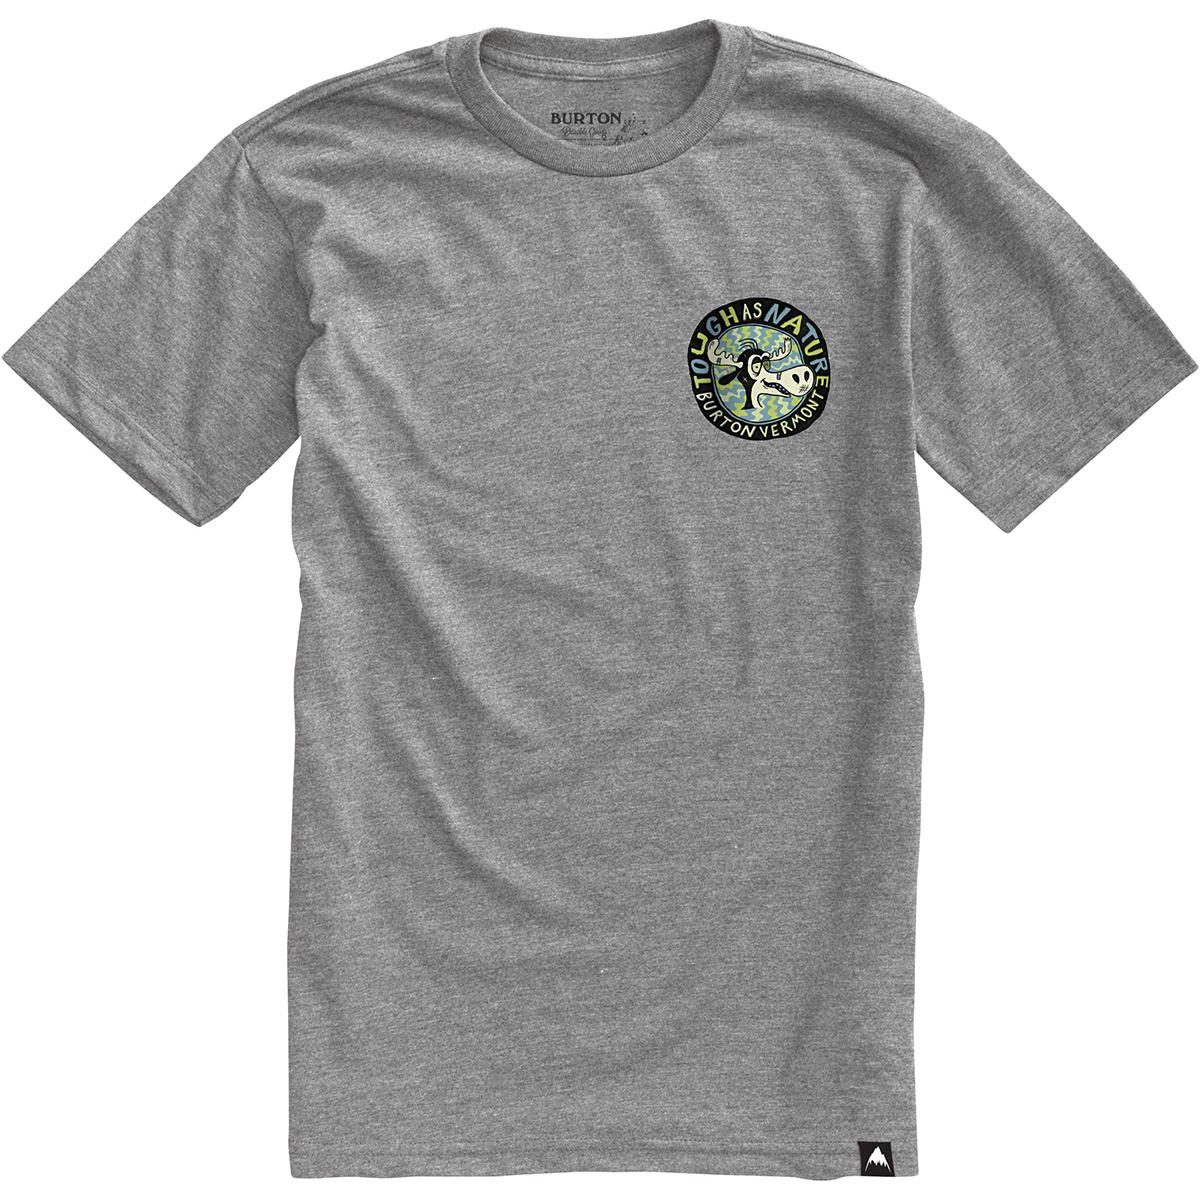 New MB TOUGHASNATURE SSФутболки и Поло<br>Классический крой, приятная ткань, крупный принт на спине и небольшой на груди - отличная футболка!<br> <br> <br> Особенности:<br><br>Мужская футболка<br>Классический крой<br>Мягкий перуанский хлопок<br>С короткими рукавами<br>С круглым вырезом<br>Небольшой принт на груди<br> <br>Объемный принт на спине<br>Состав: 100% хлопок.<br><br>Сезон: SS17<br>Артикул: 67566<br>Цвет: GRAY HEATHER<br>Пол: МУЖ<br>Пол: Мужcкое<br>Размер: L<br>Тип вещи: ФУТБОЛКА